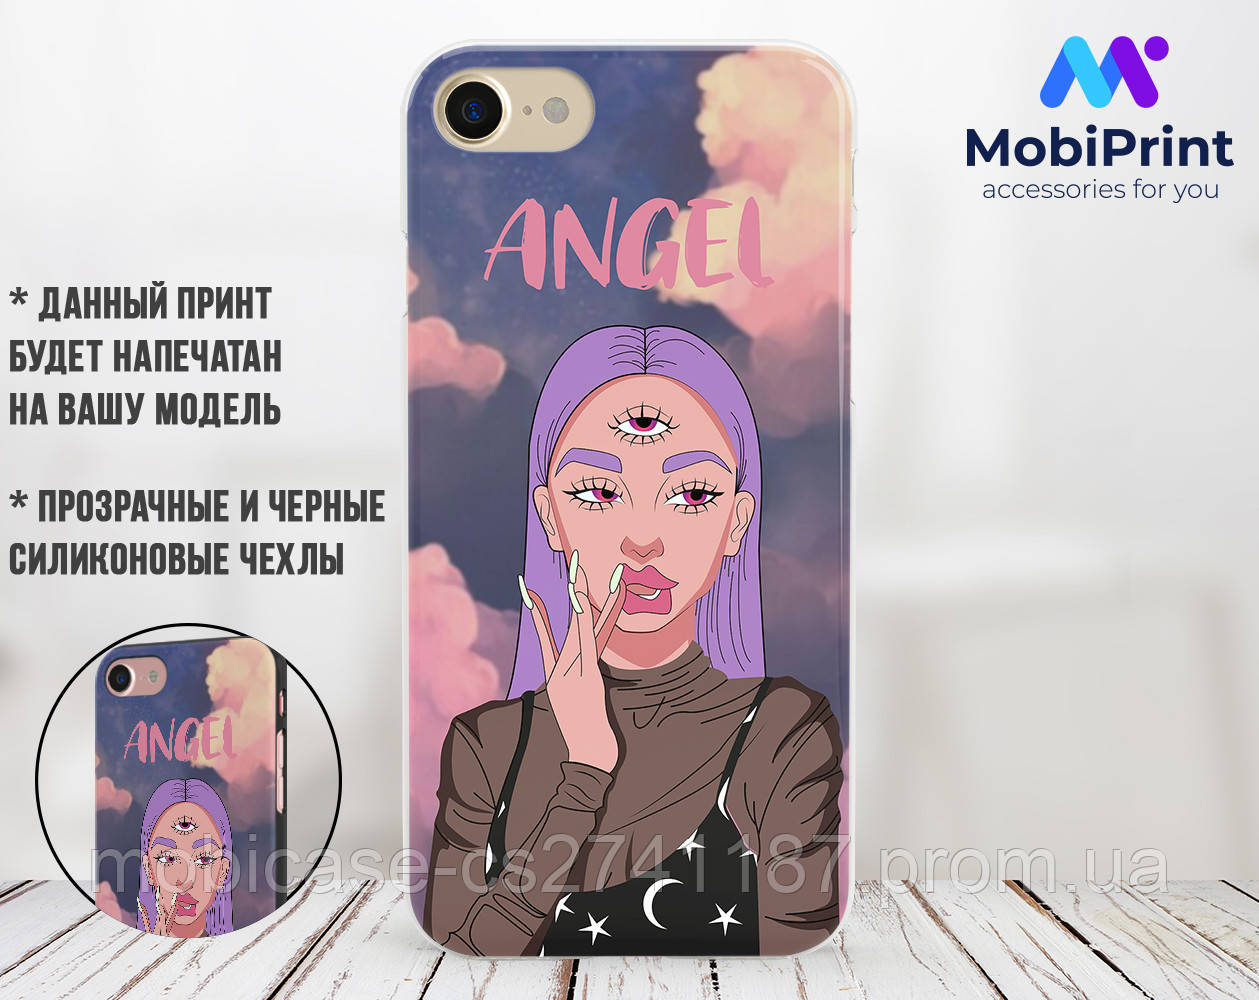 Силиконовый чехол Ангел Диджитал Арт (Angel Digital art) для Samsung G955 Galaxy S8 Plus